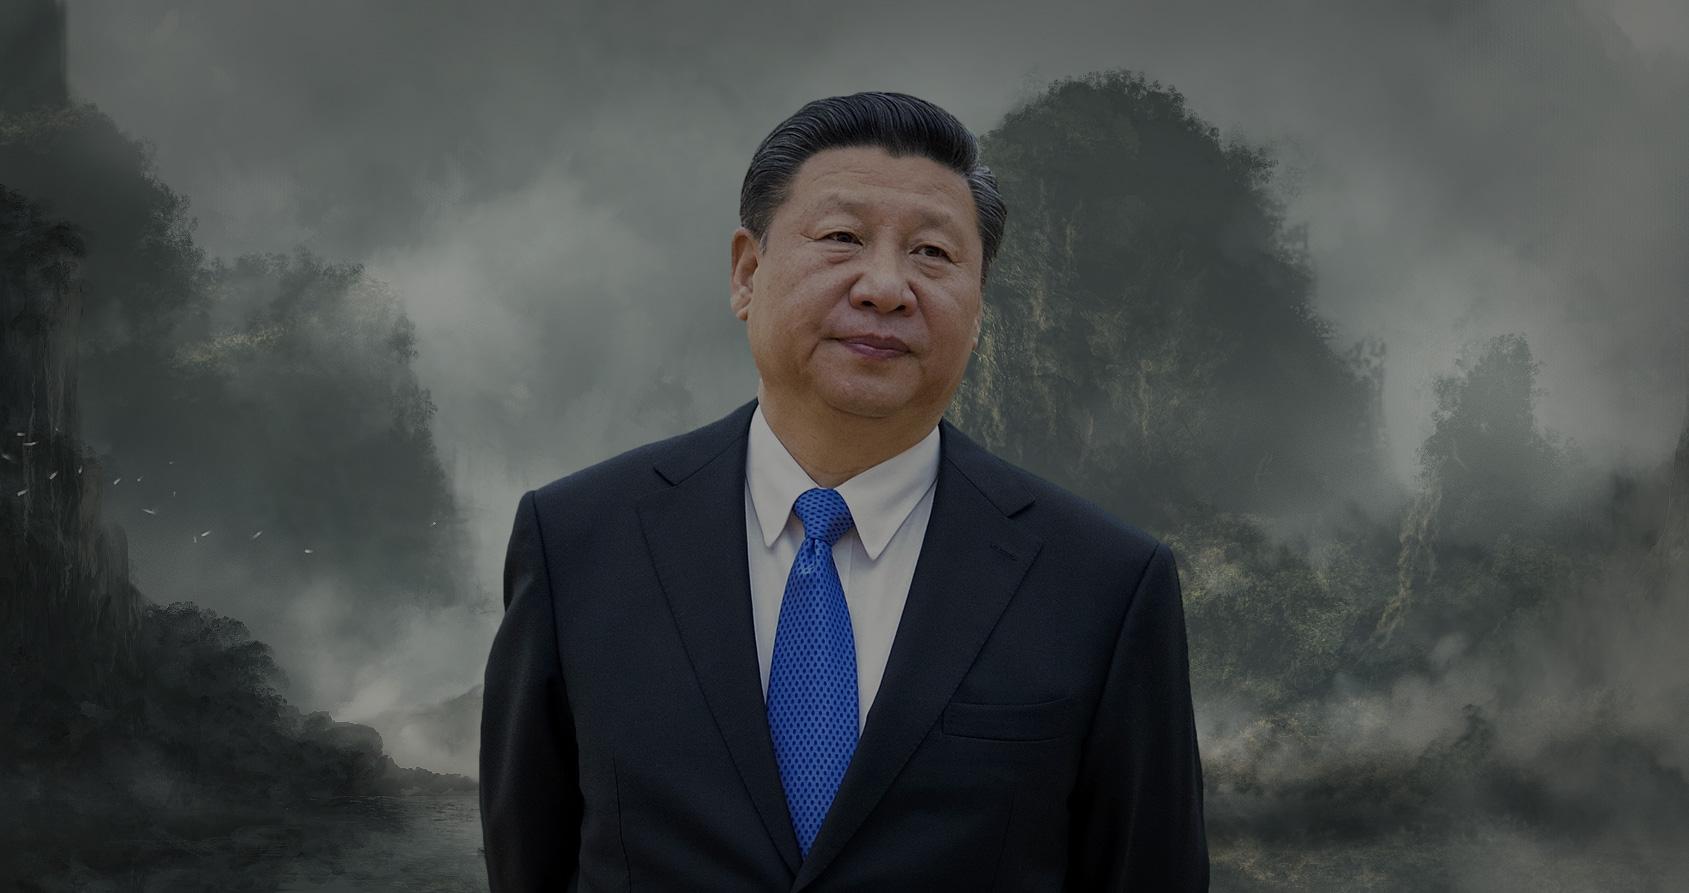 La Chine doit-elle se préparer au règne de l'empereur Xi Jinping ?